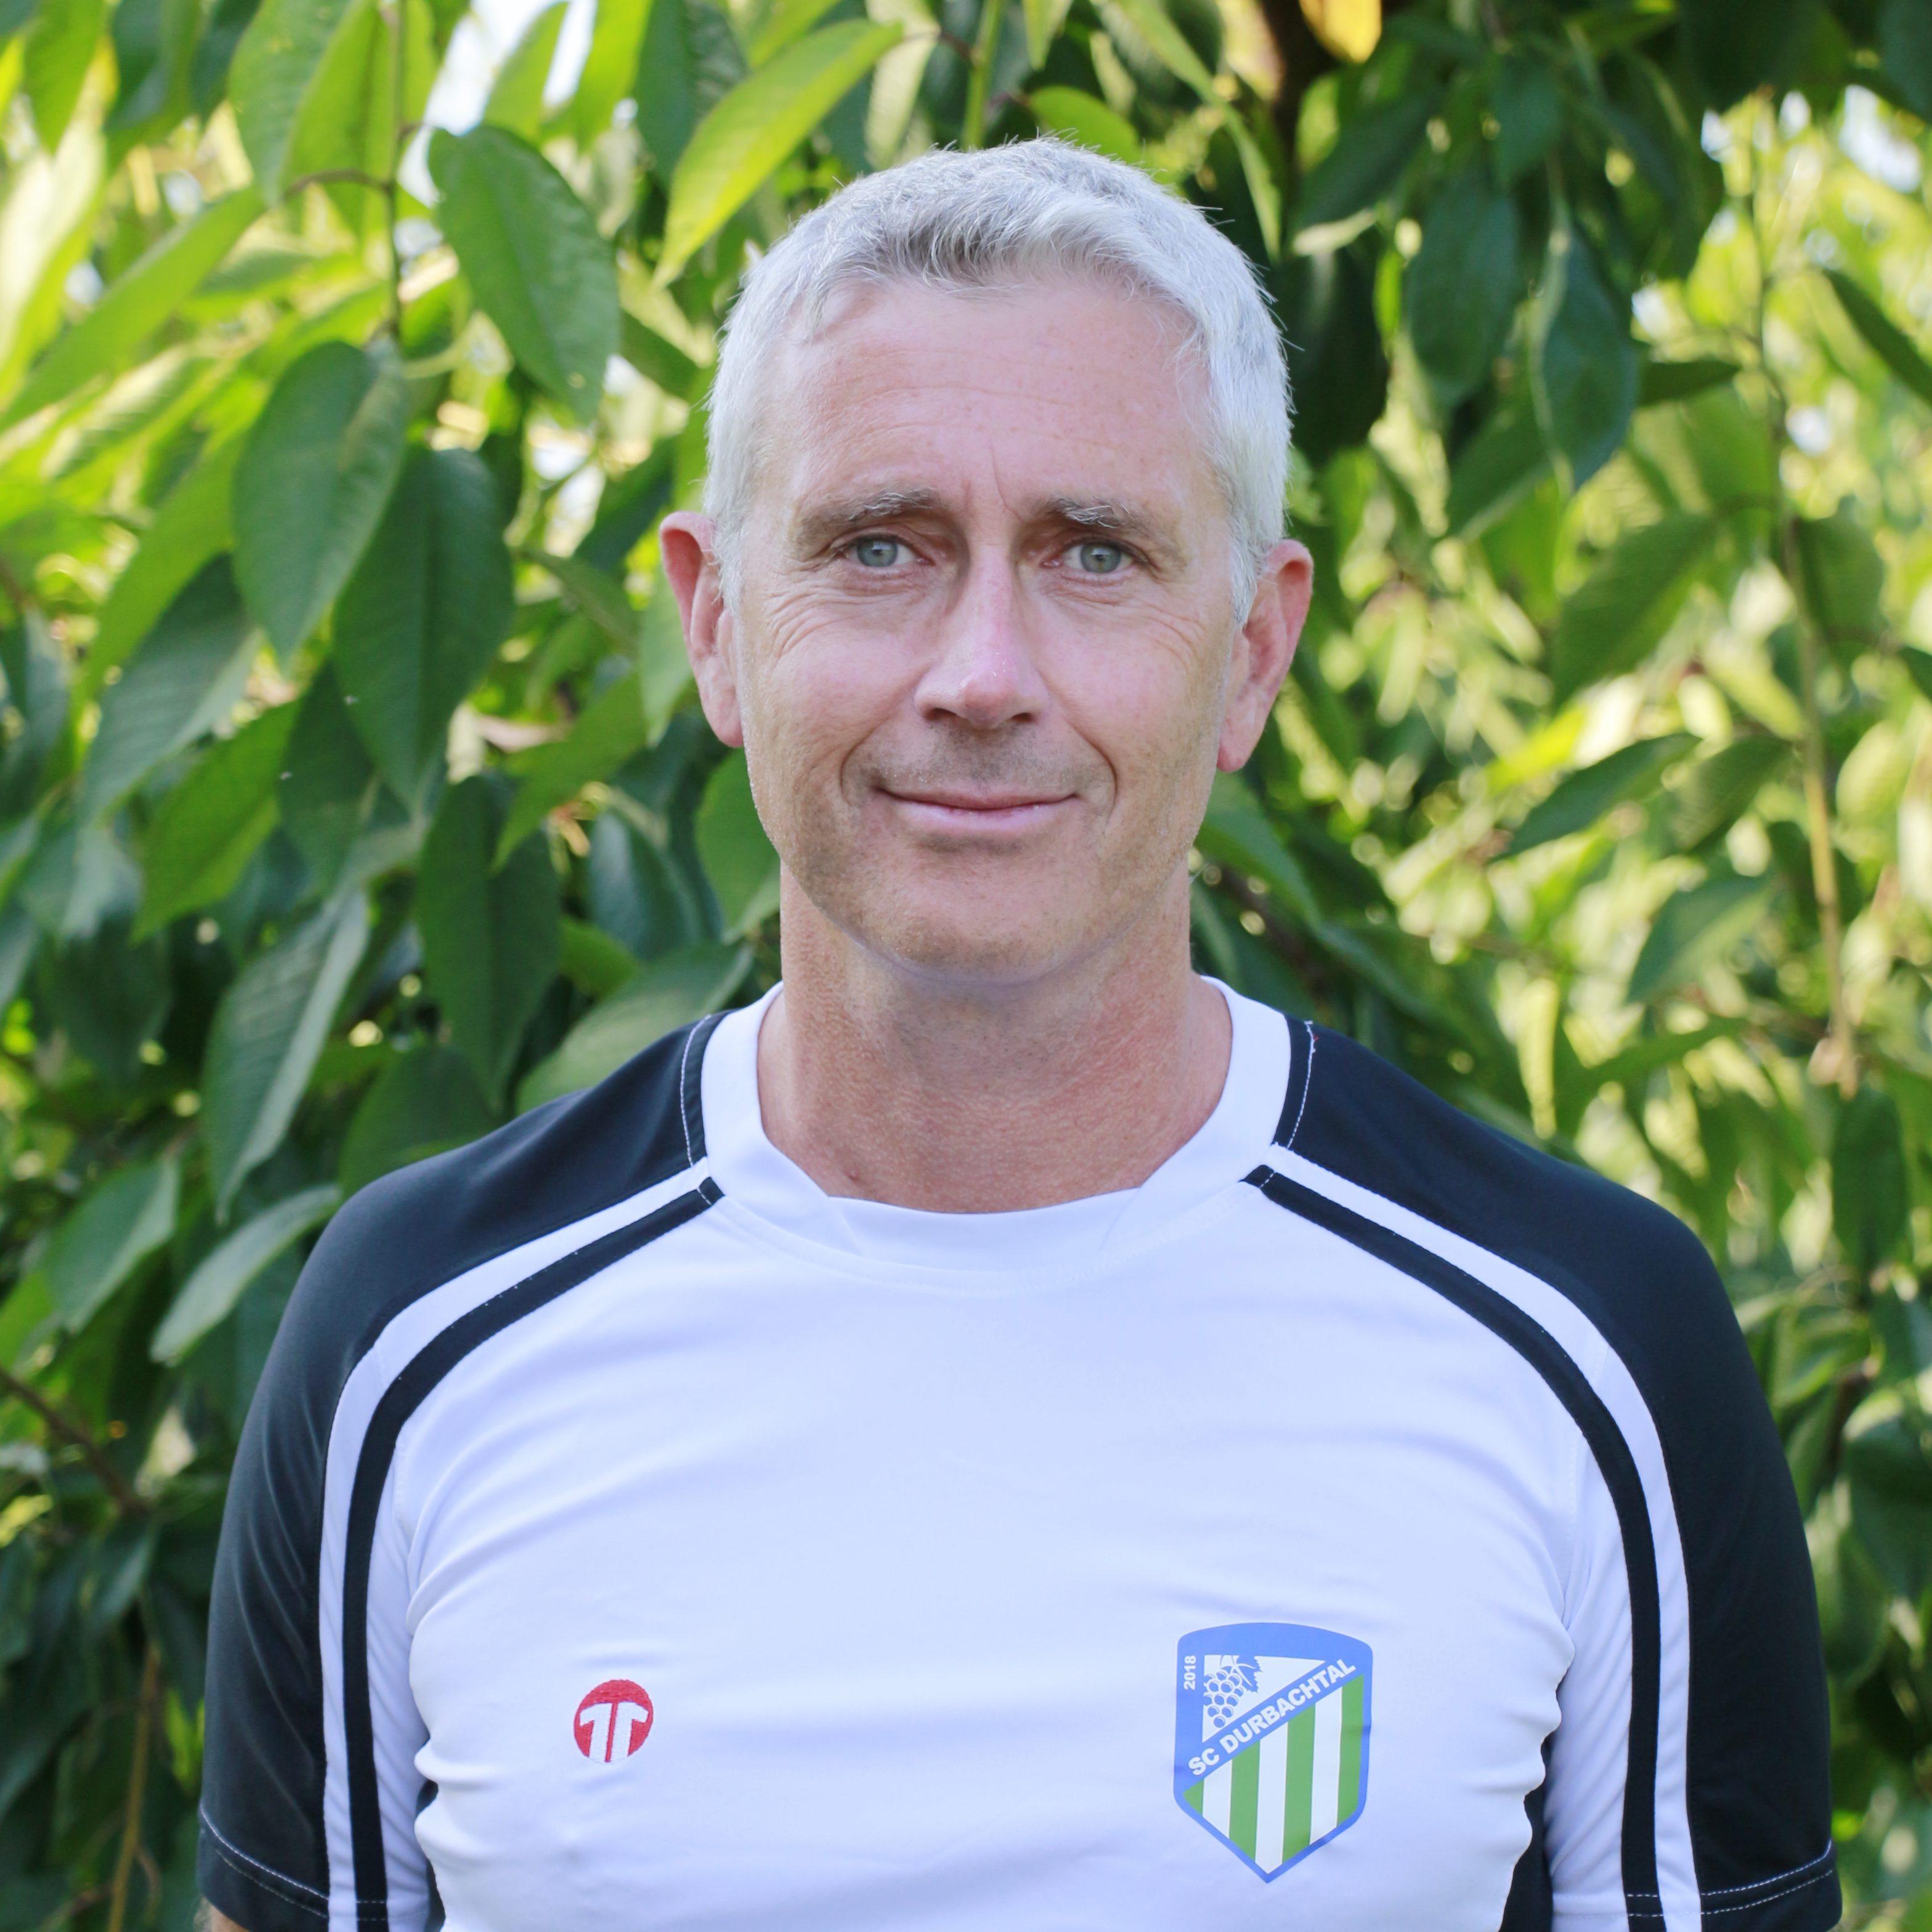 Ralf Morgenthaler